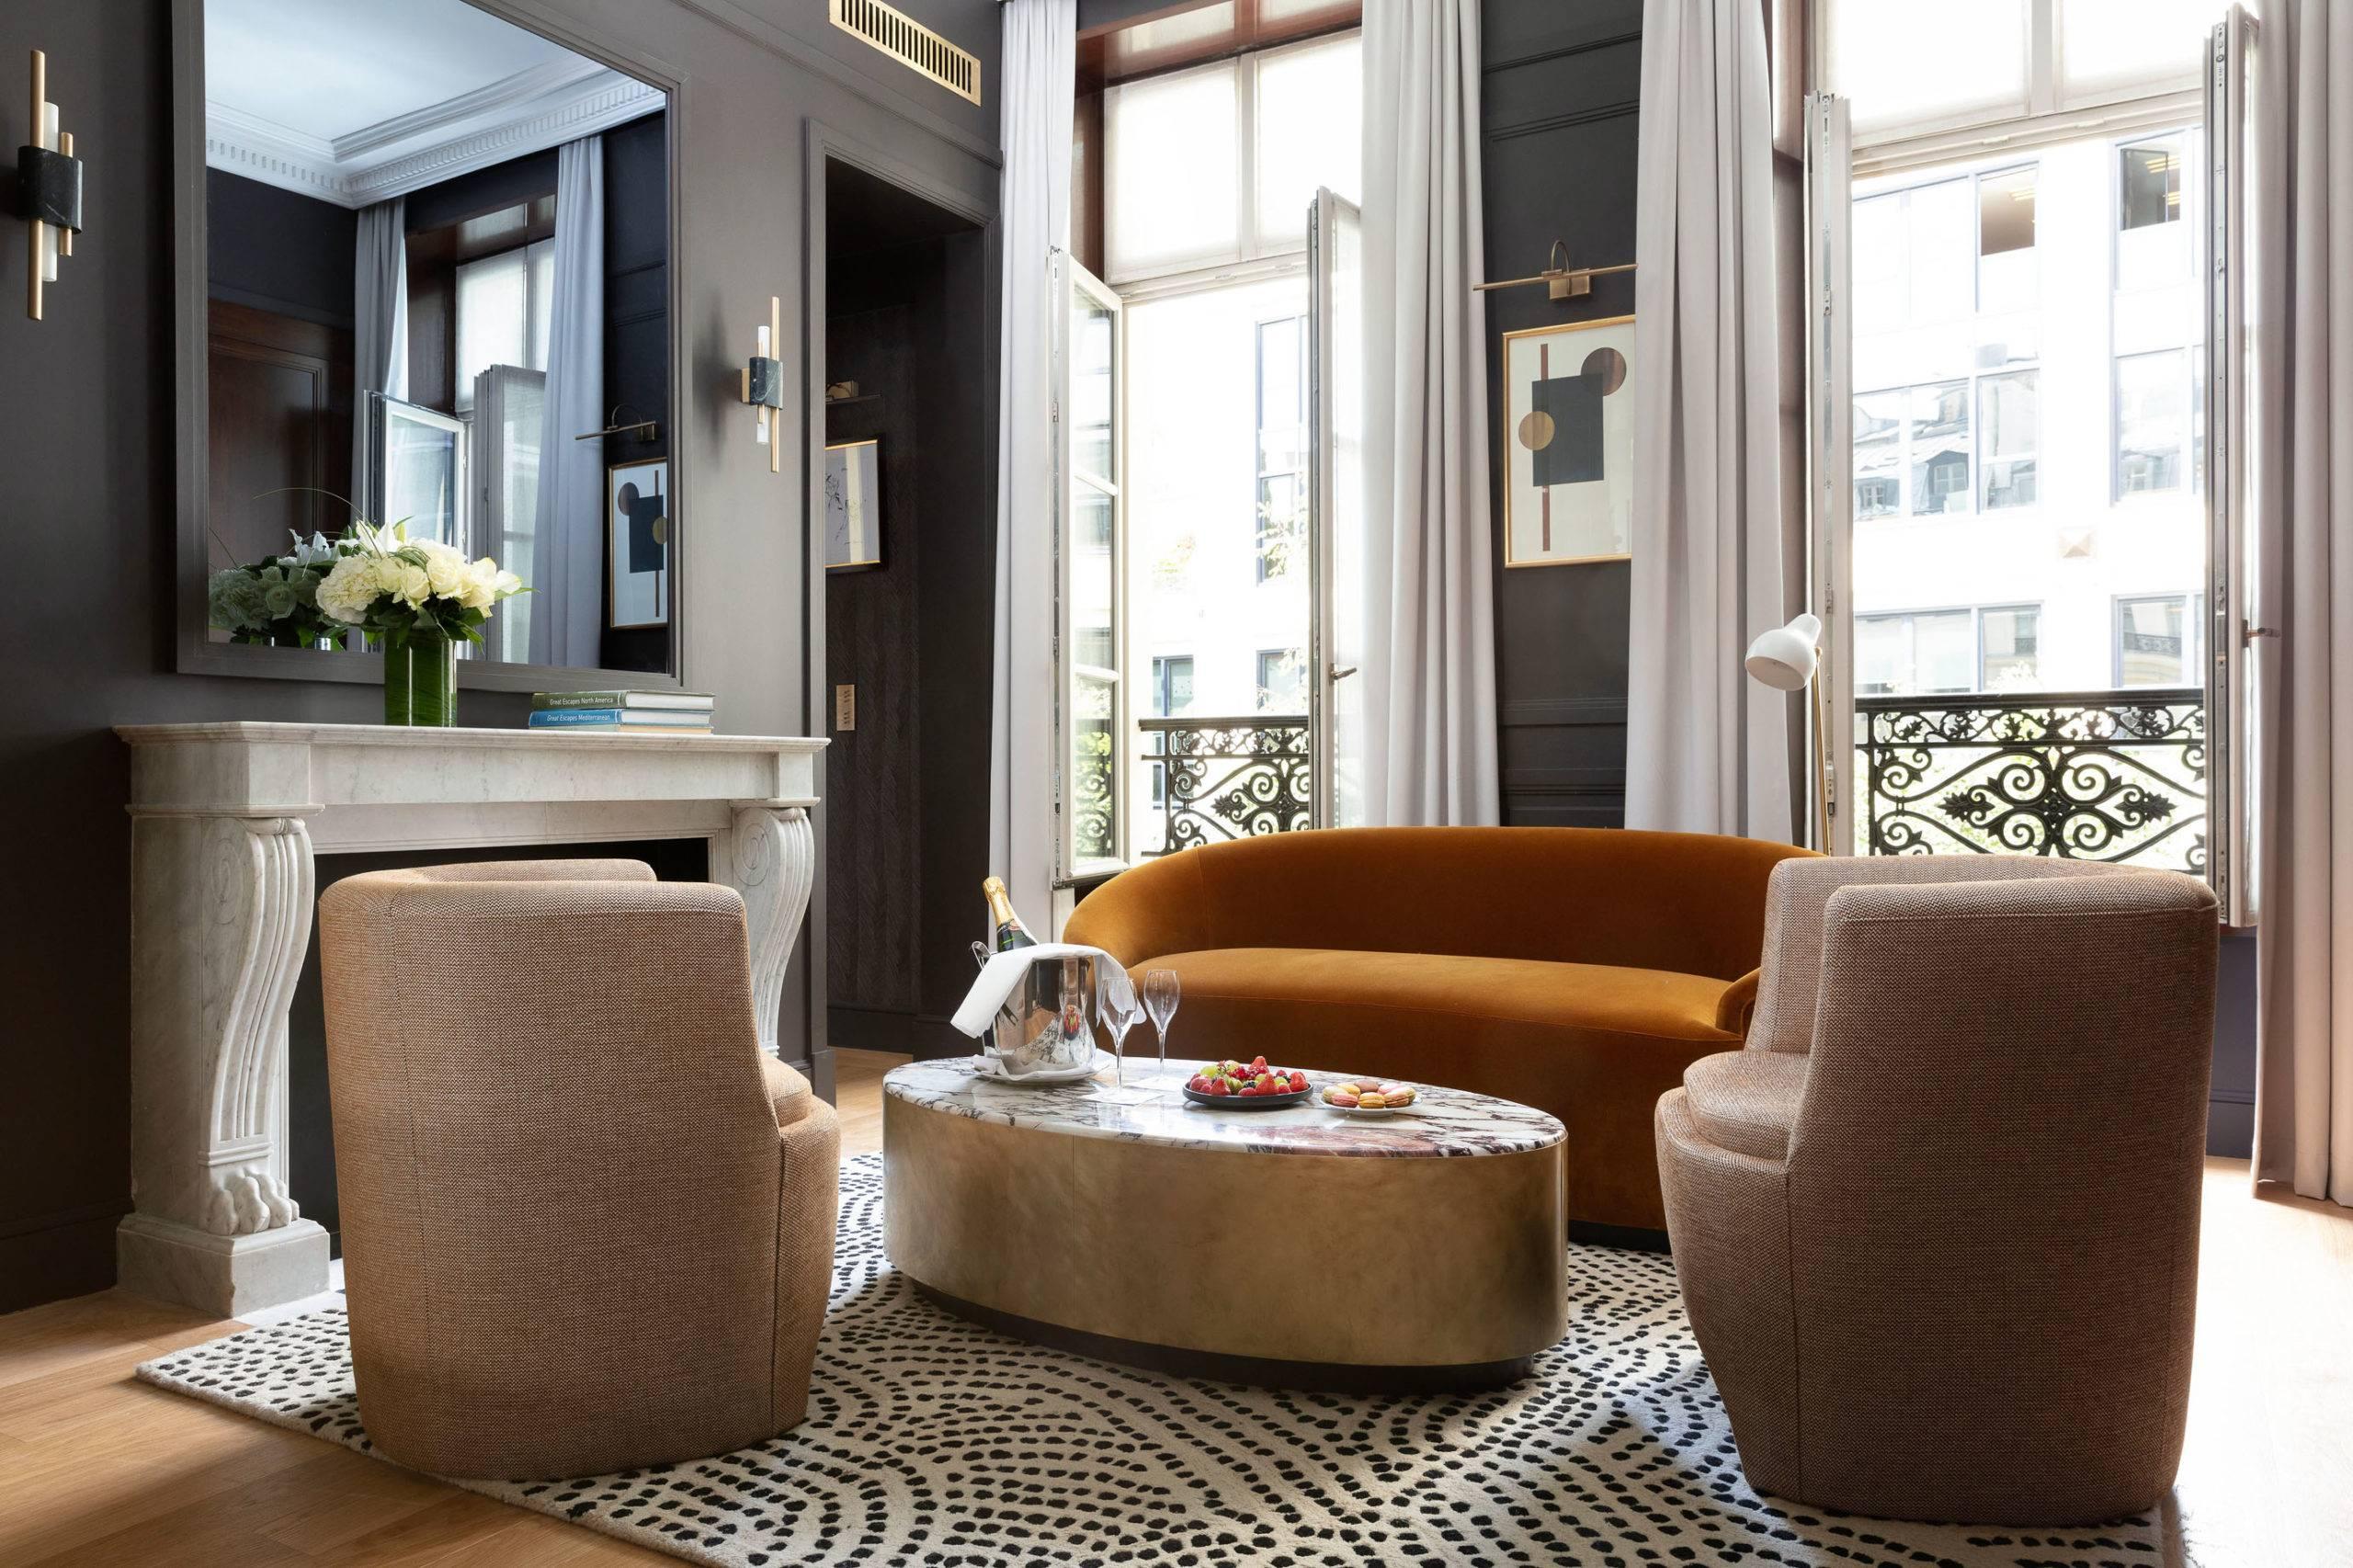 3-hotels-spa-a-Paris-pour-profiter-pleinement-de-votre-sejour-3